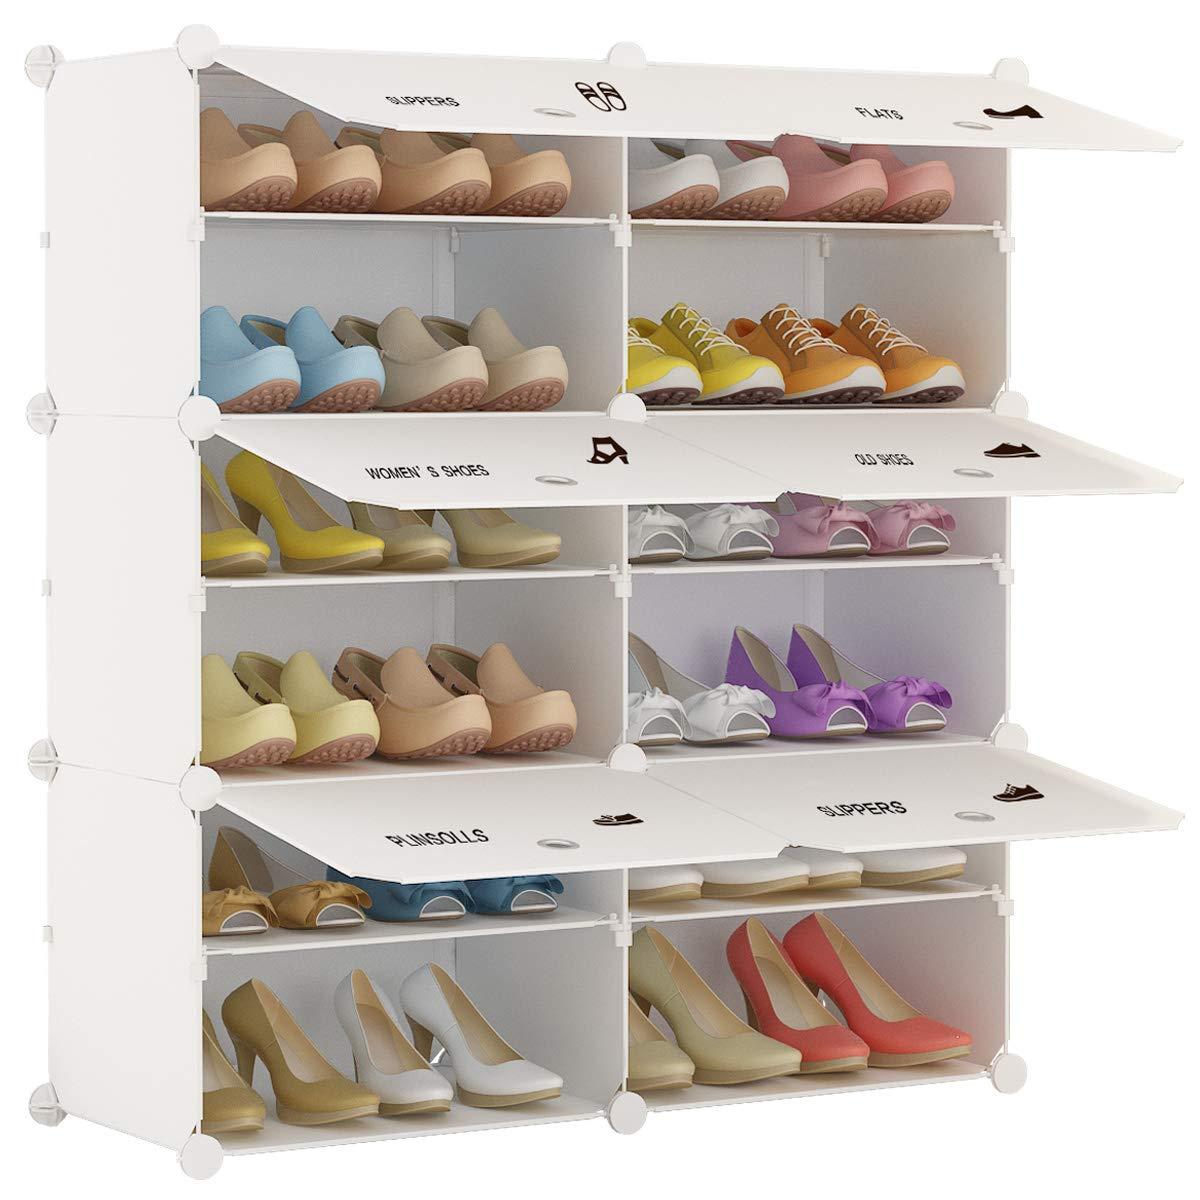 KOUSI Portable Storage Shelf Cube Shelving Bookcase Bookshelf Cubby Organizing Closet Toy Organizer Cabinet, Leaf Pattern, 12 Cubes